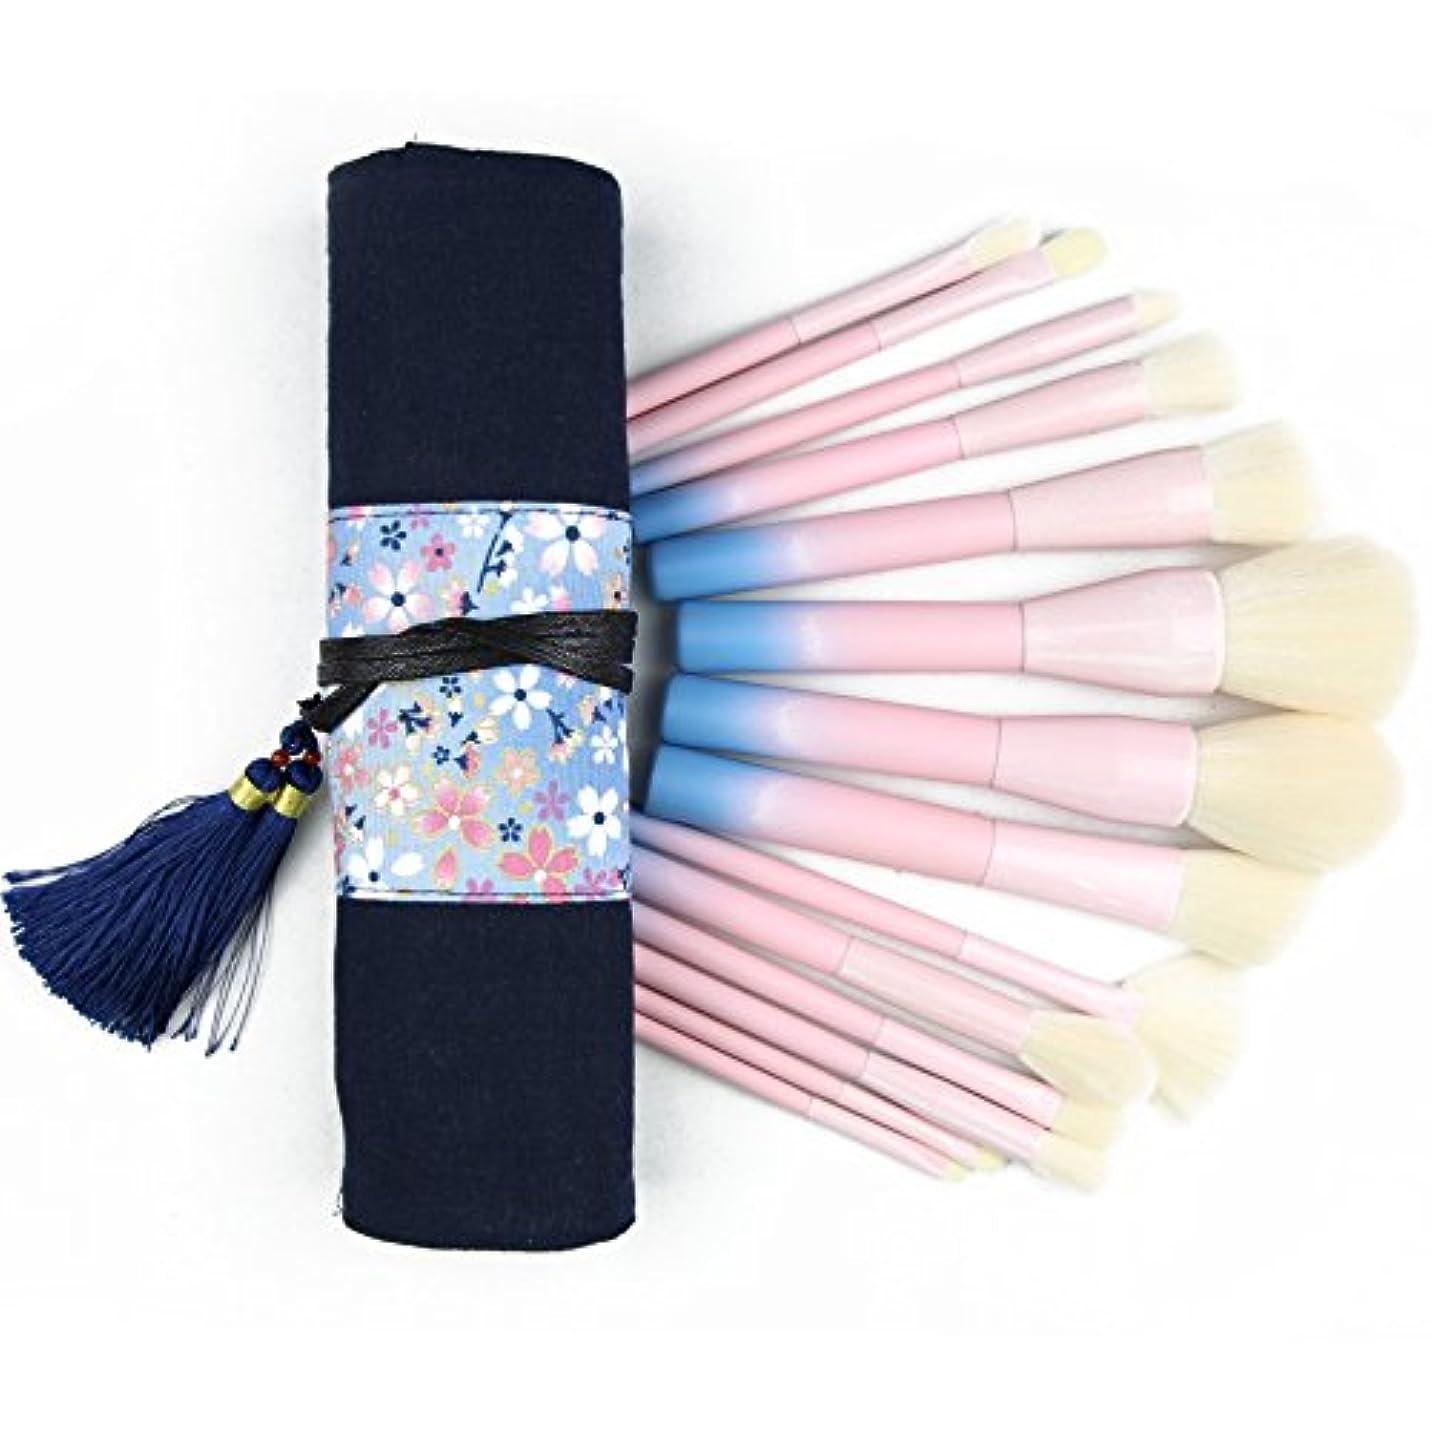 学校教育世界的に家族メイクブラシセット 14本セット 専用手作りの布芸化粧ポーチ付き 粉青グラデーション色 キャンディの色 毛量たっぷり 高級タクロン ローズゴールド